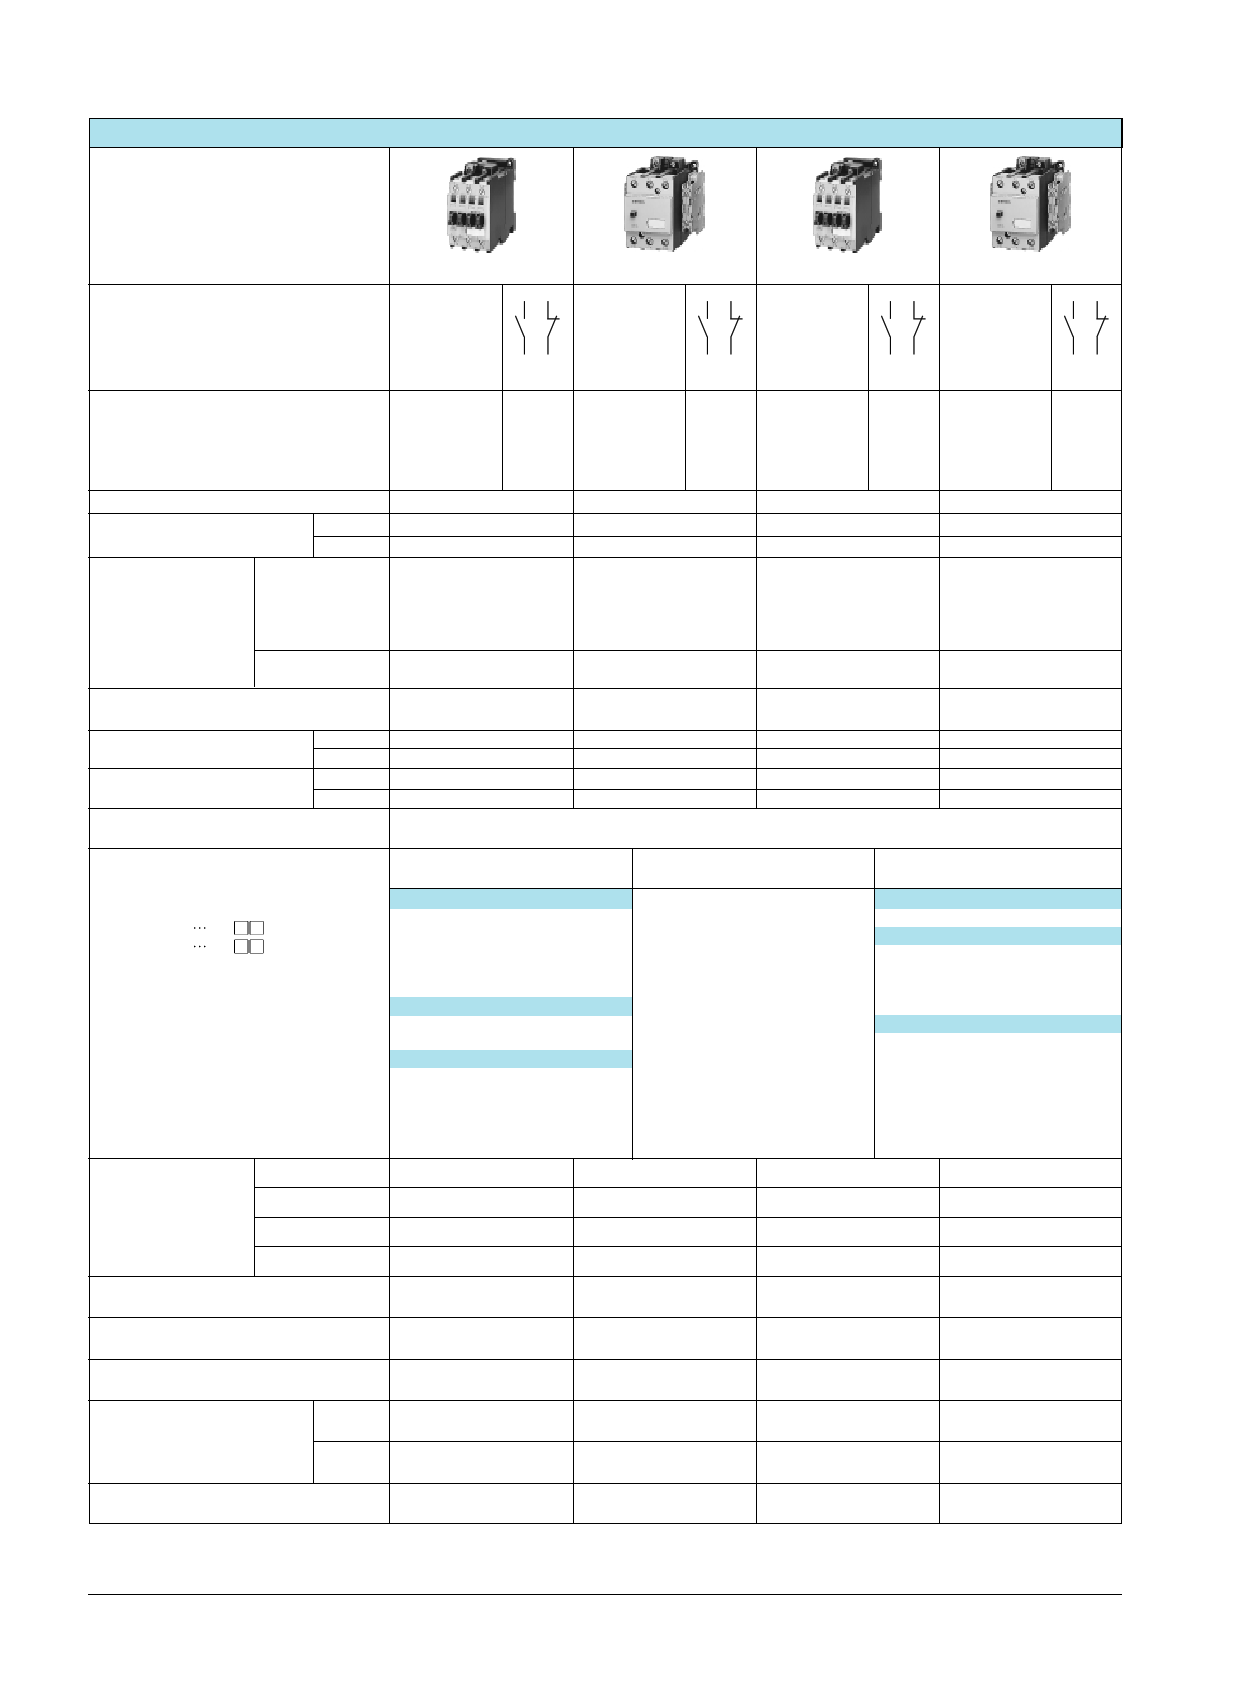 3TF47 pdf, 電子部品, 半導体, ピン配列